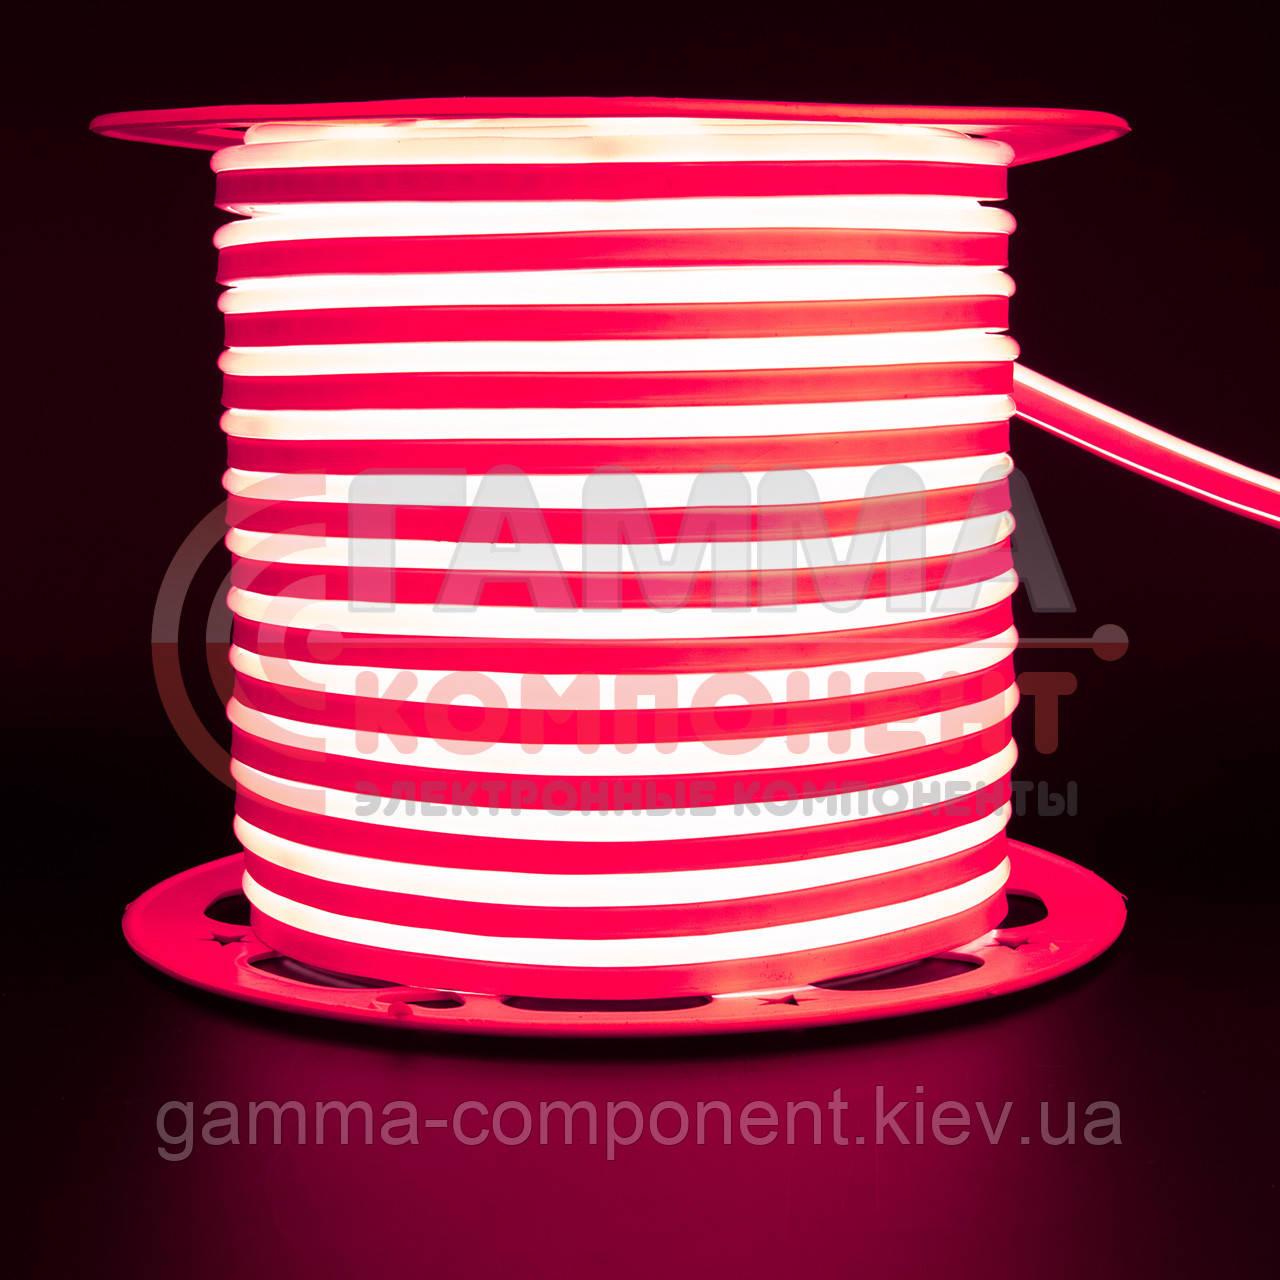 Светодиодный неон 220В красный AVT smd 2835-120 лед/м 7Вт/м, герметичный. Бухта 50 метров.